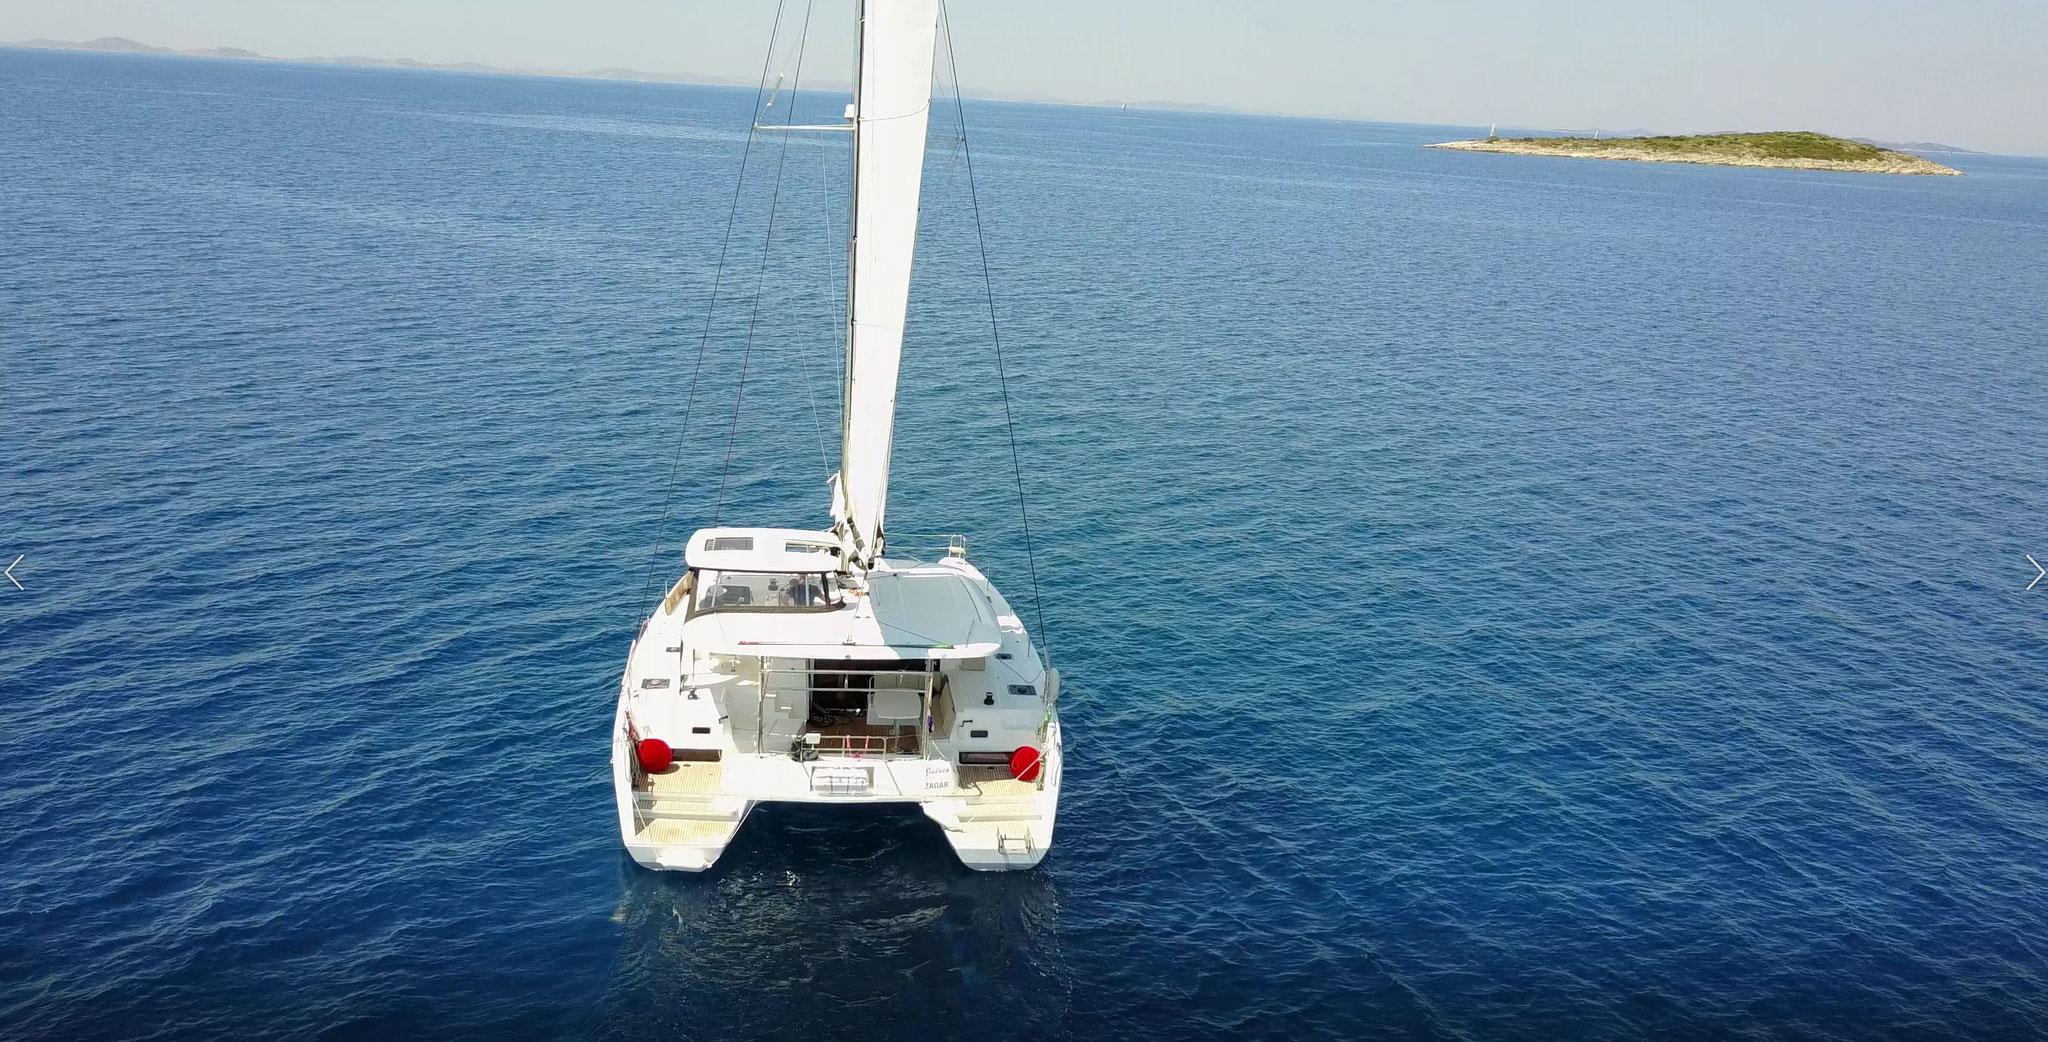 Katamaran segeln mit bis zu 12 Personen - www.katamaramtraum.com